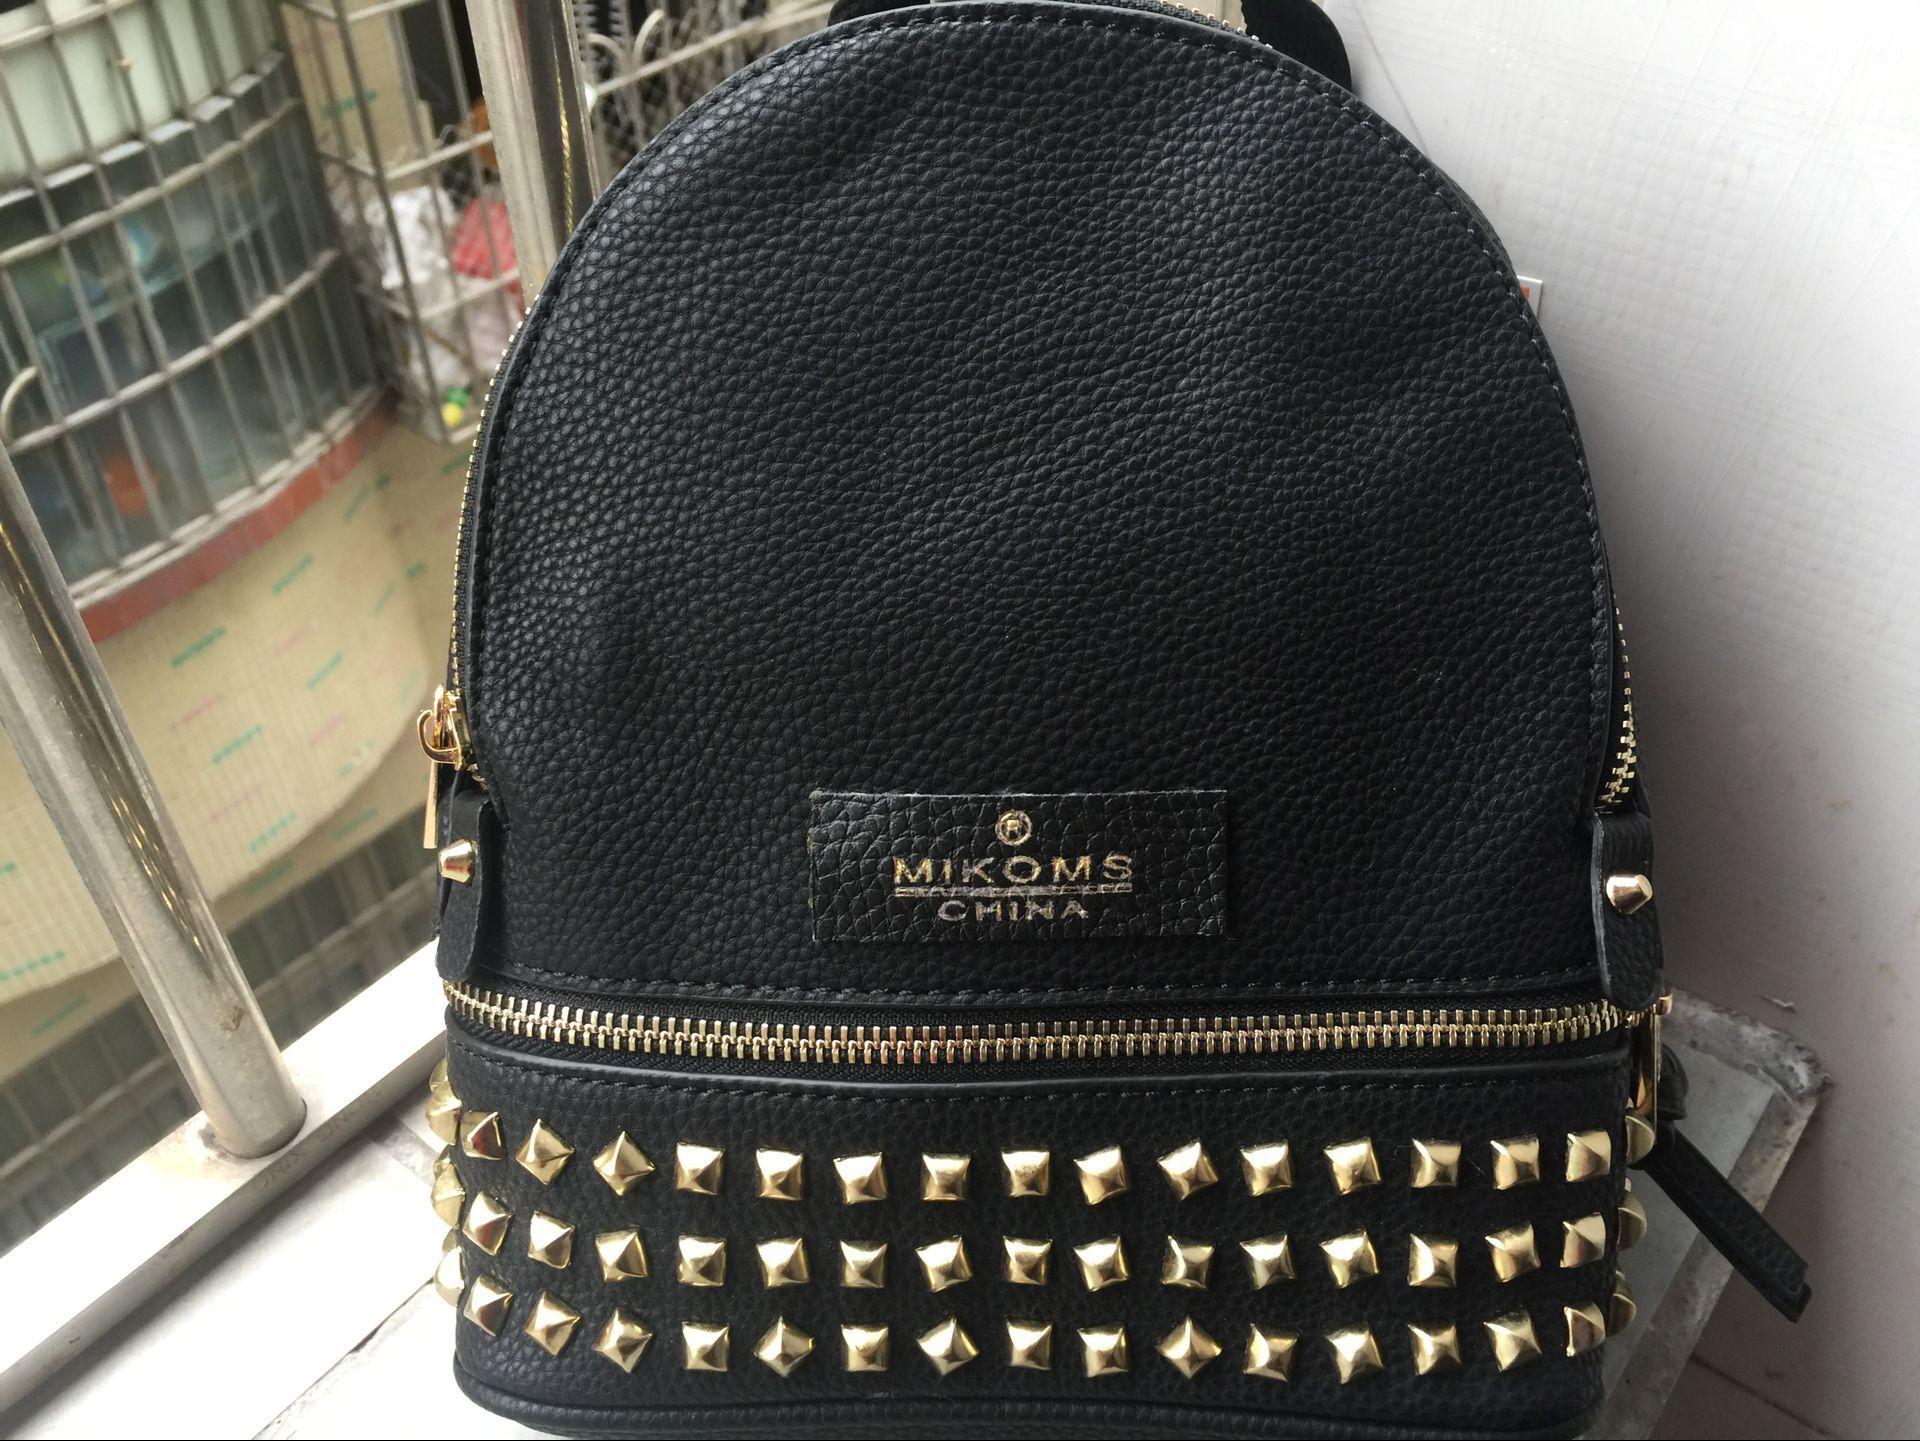 Mini 22x18 novas malas 2019 bolsa bolsa ombro bolsa mulheres fasdhion carteira balde sacos